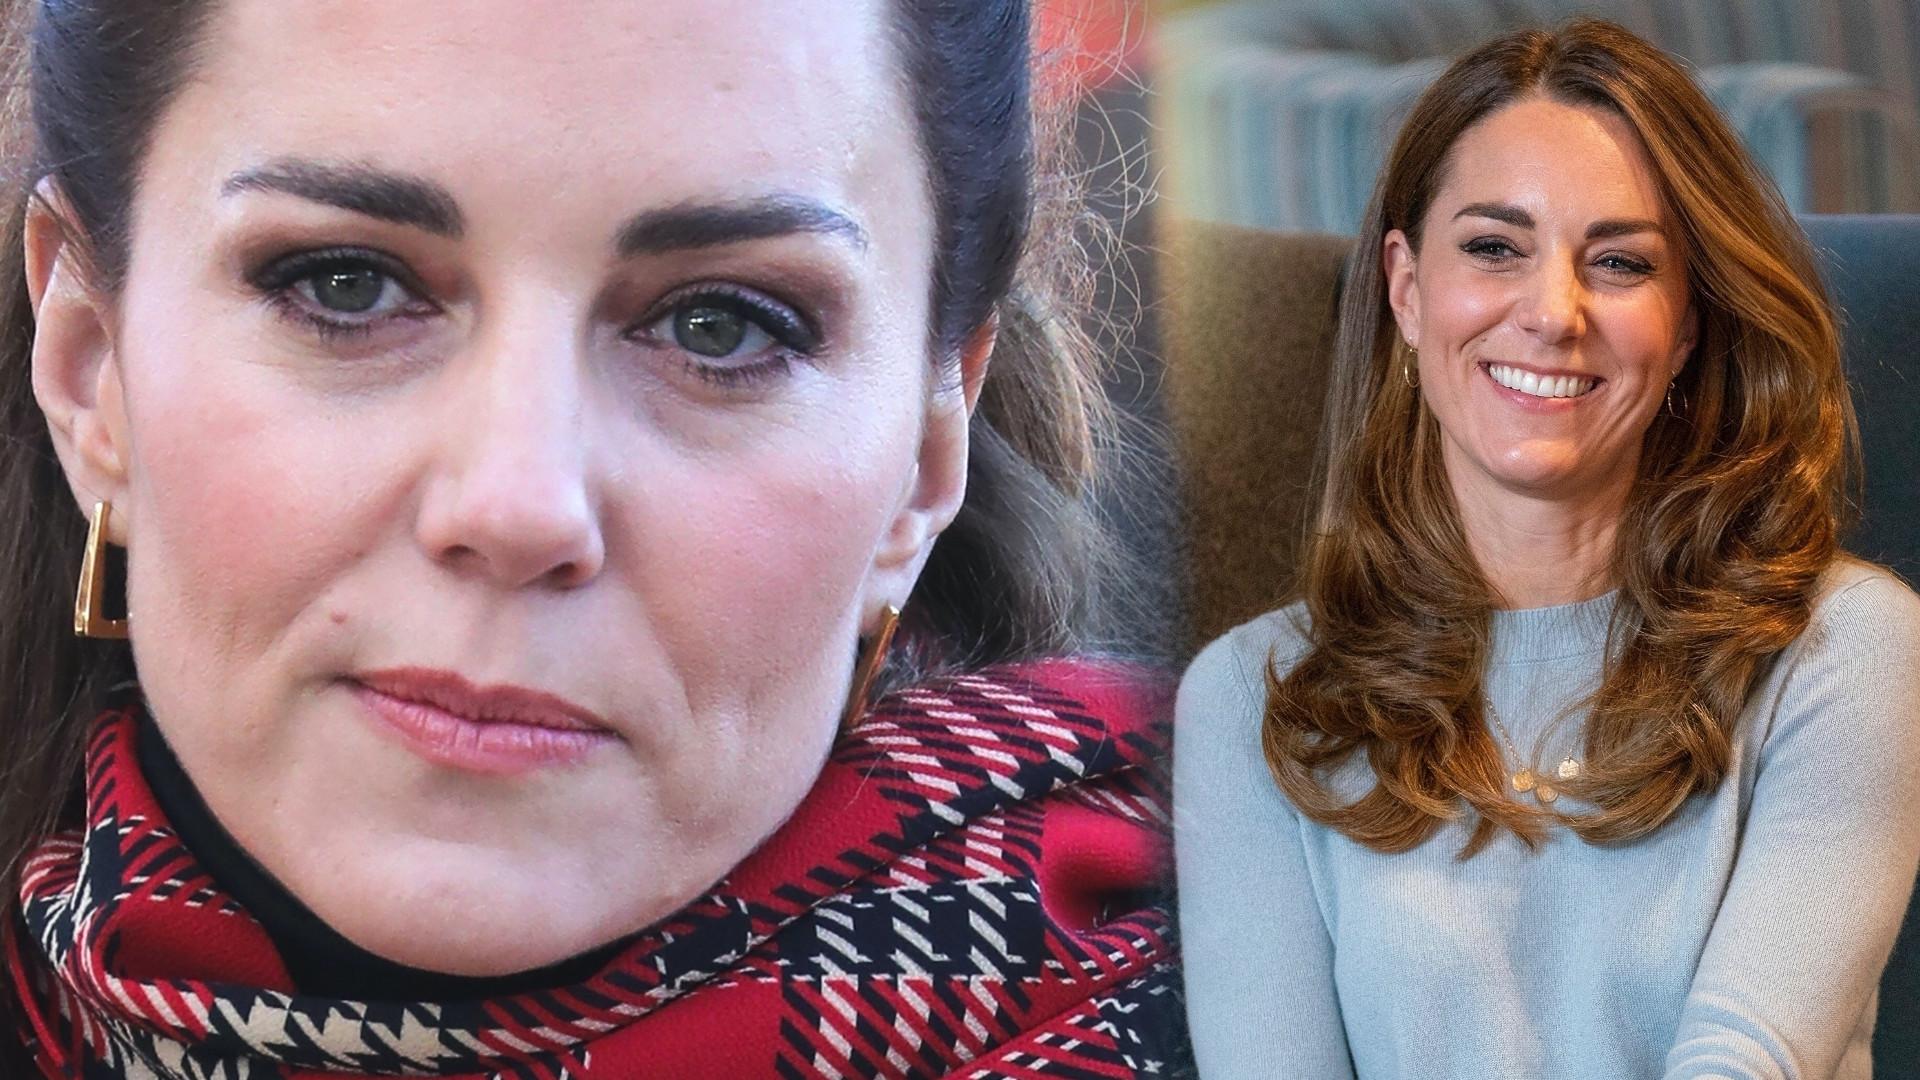 Urodzinowe zdjęcie księżnej Kate w tym roku jest inne niż wszystkie